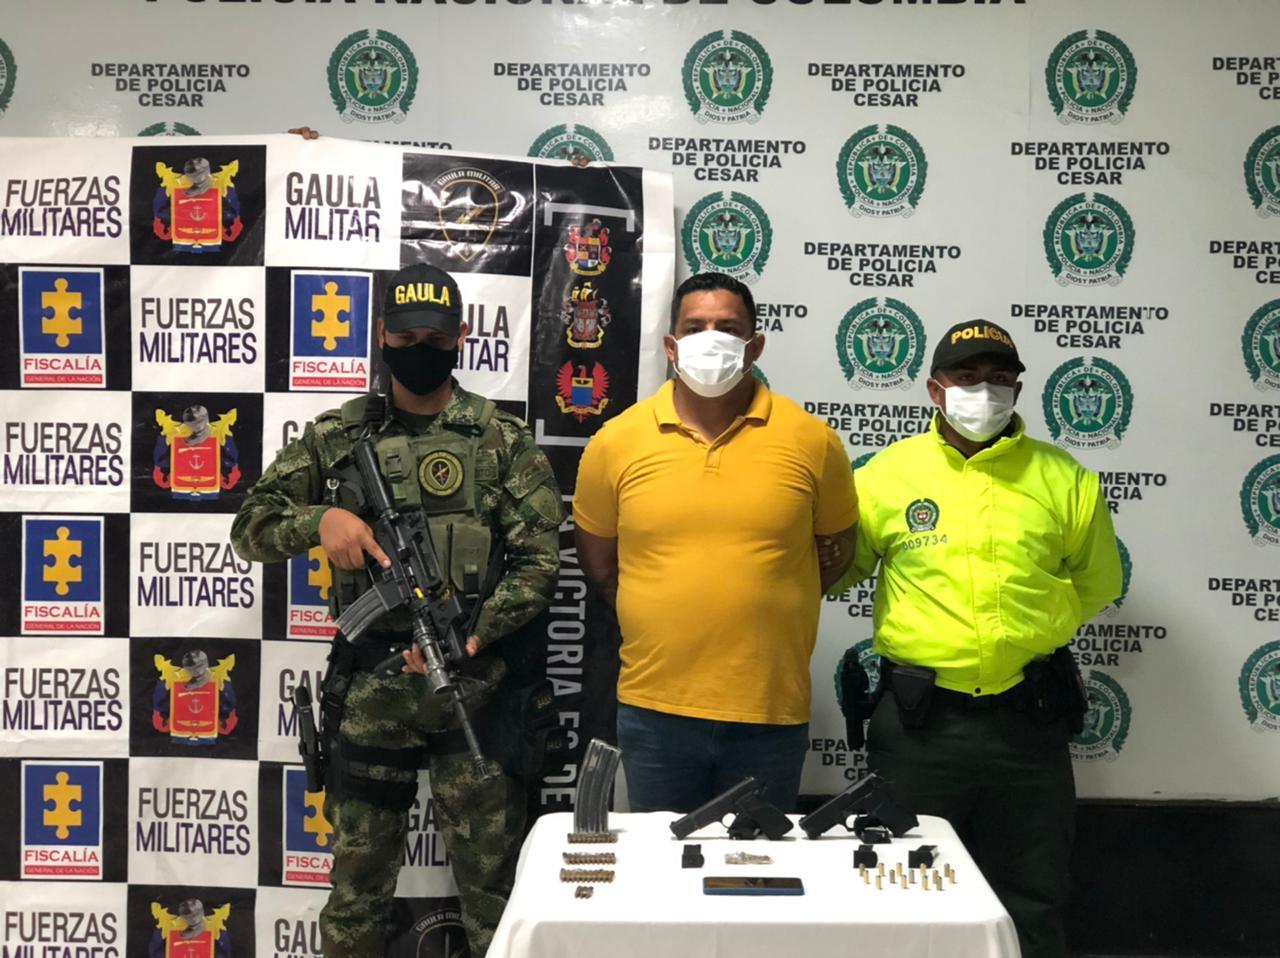 https://www.notasrosas.com/En Valledupar: Sargento Viceprimero retirado del Ejército Nacional, fue capturado en su residencia con un mini arsenal